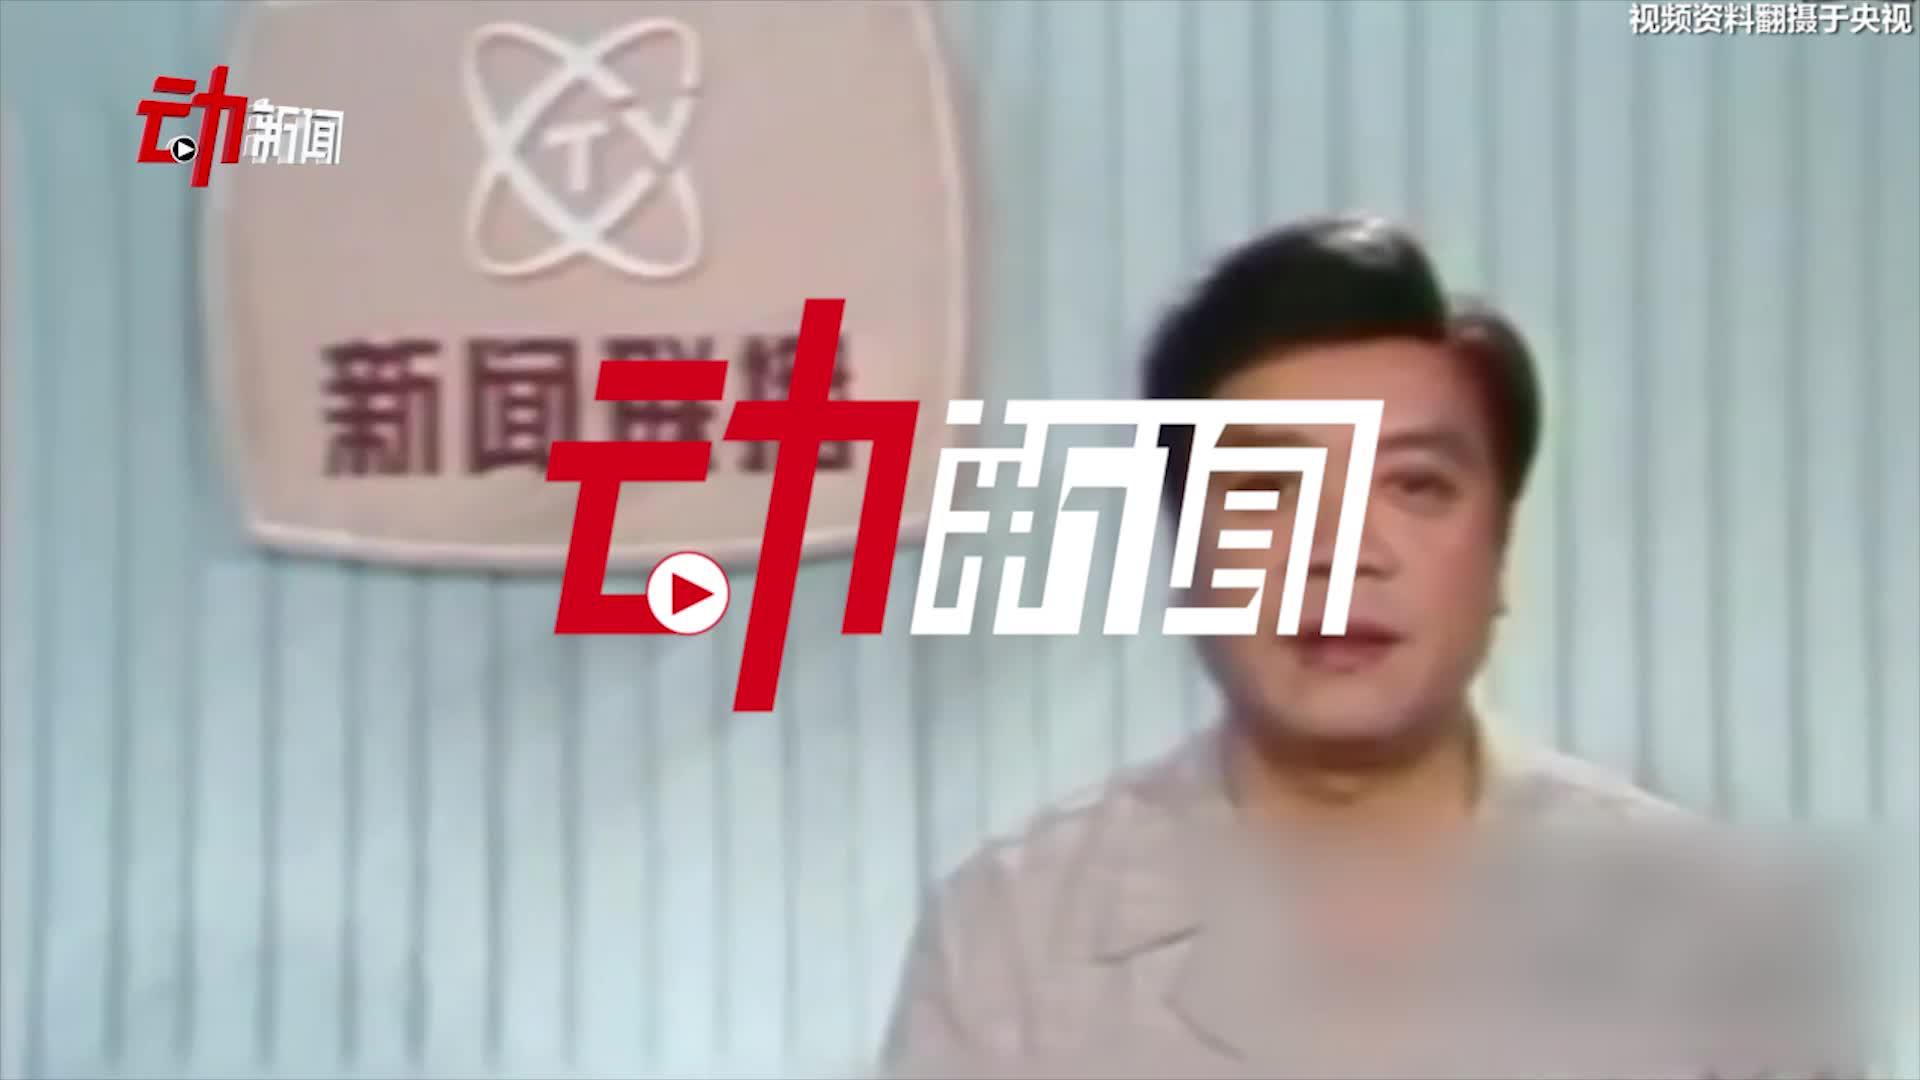 2分钟回顾赵忠祥主持生涯:18岁转播国庆活动中国第一位男播音